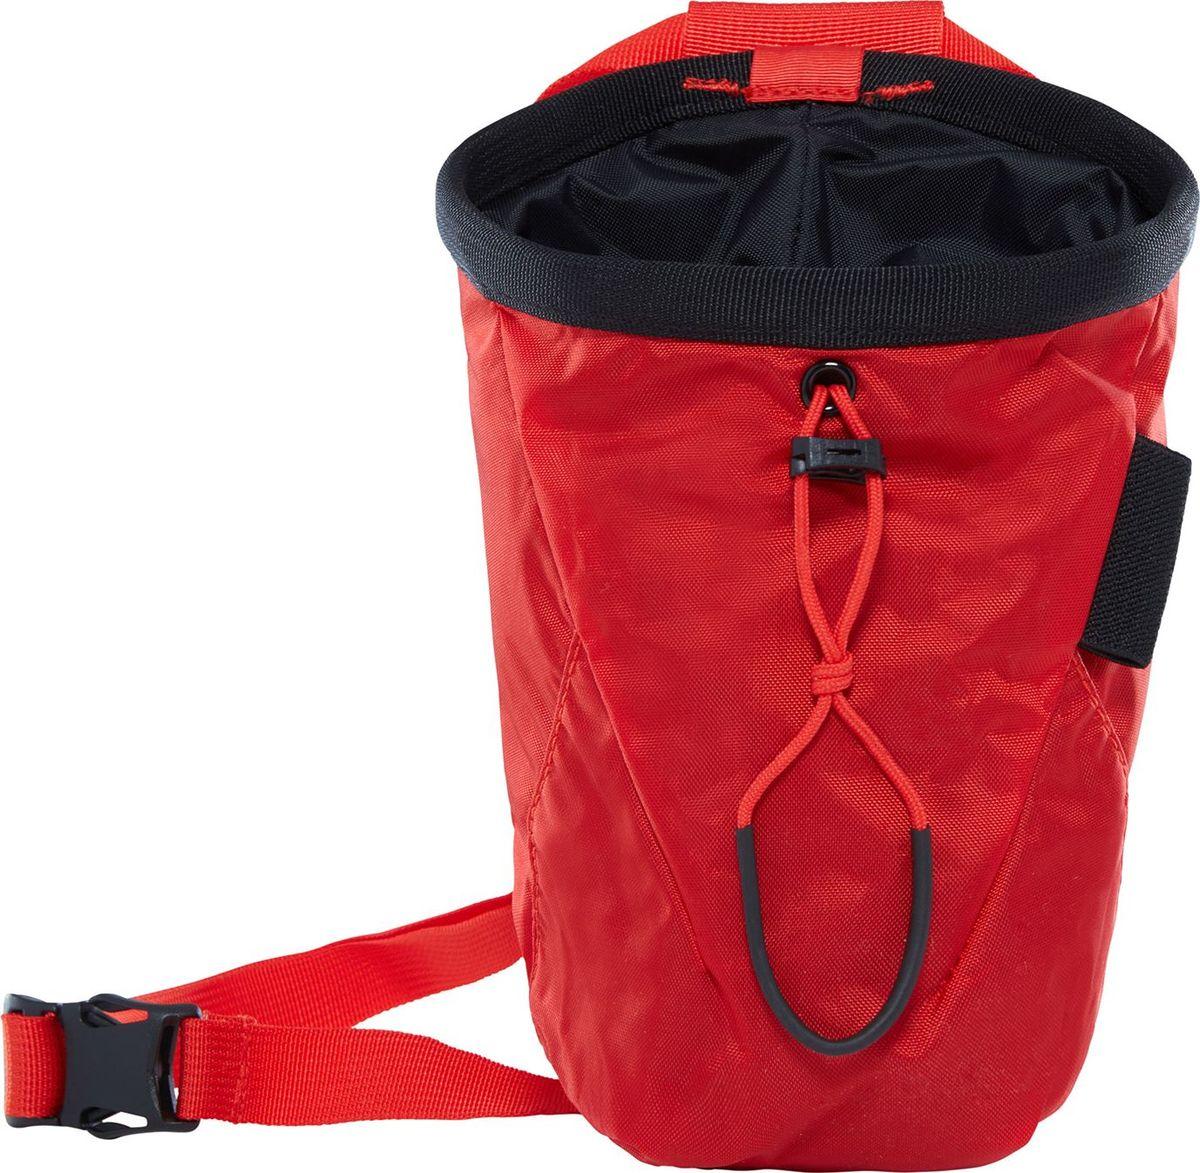 Мешок для магнезии The North Face Chalk Bag Pro, цвет: красный. T93BXYWU5T93BXYWU5Прочный, но легкий мешочек для магнезии с карбоновым покрытием. Небольшой карман намолнии для мелочей.